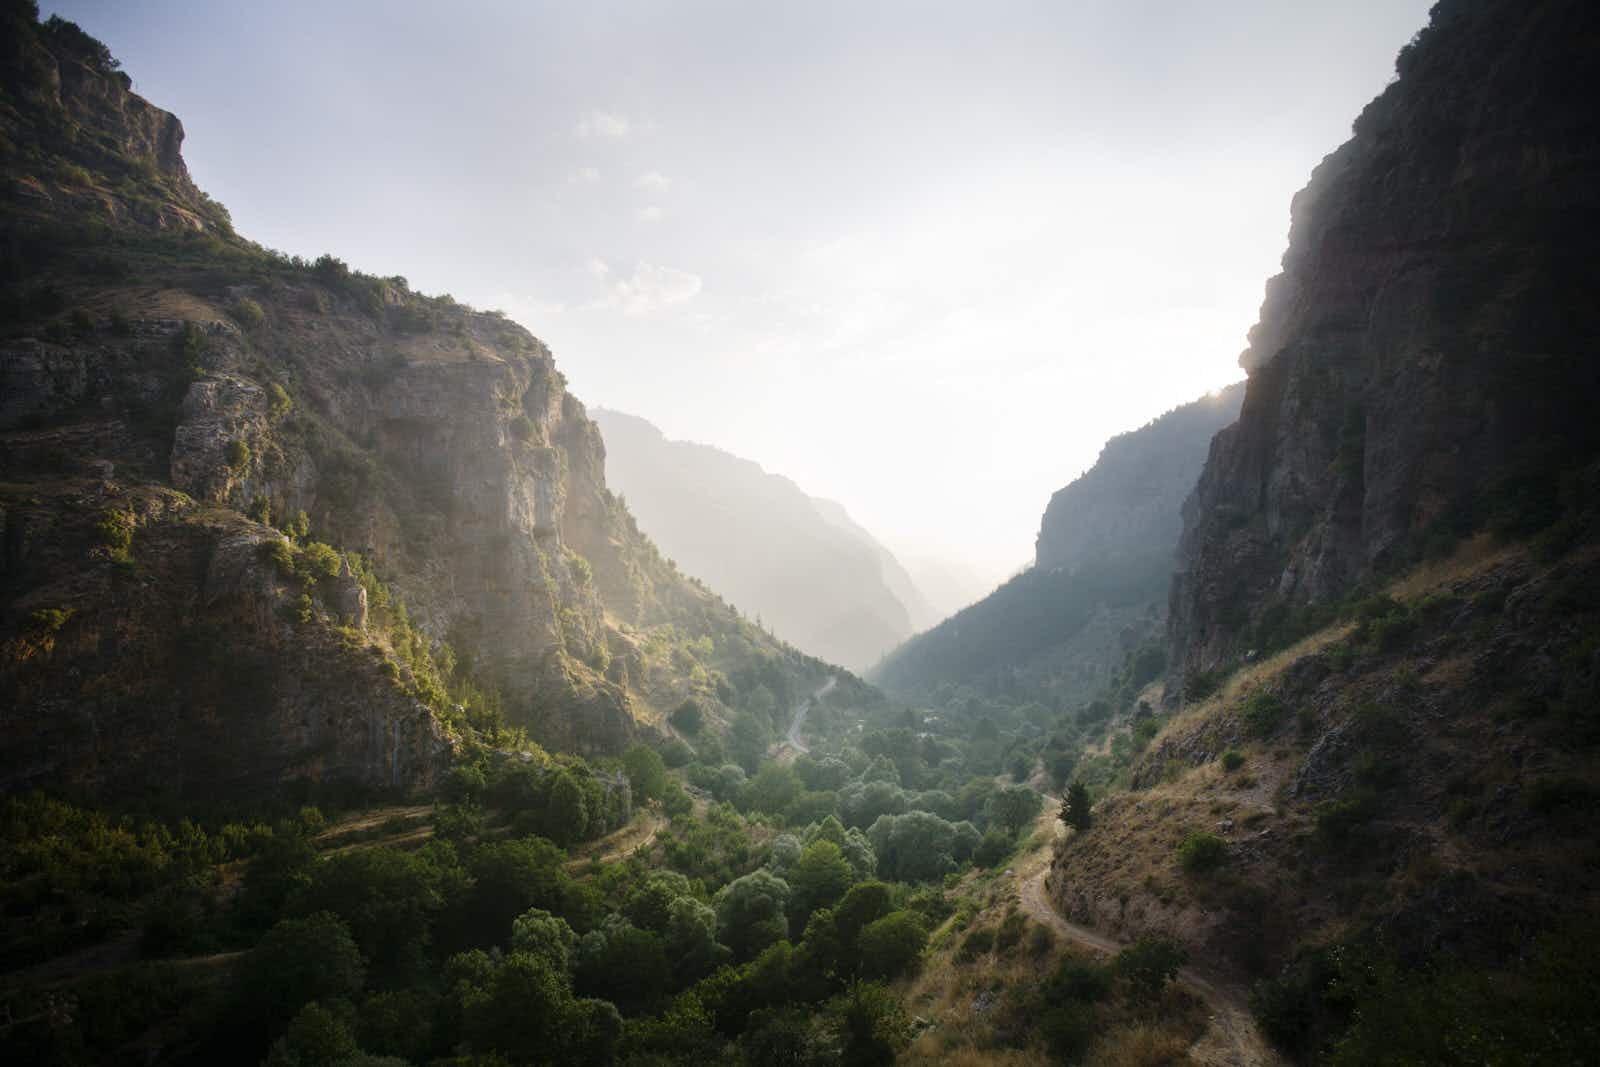 Hiking the scenic border-to-border Lebanon Mountain Trail